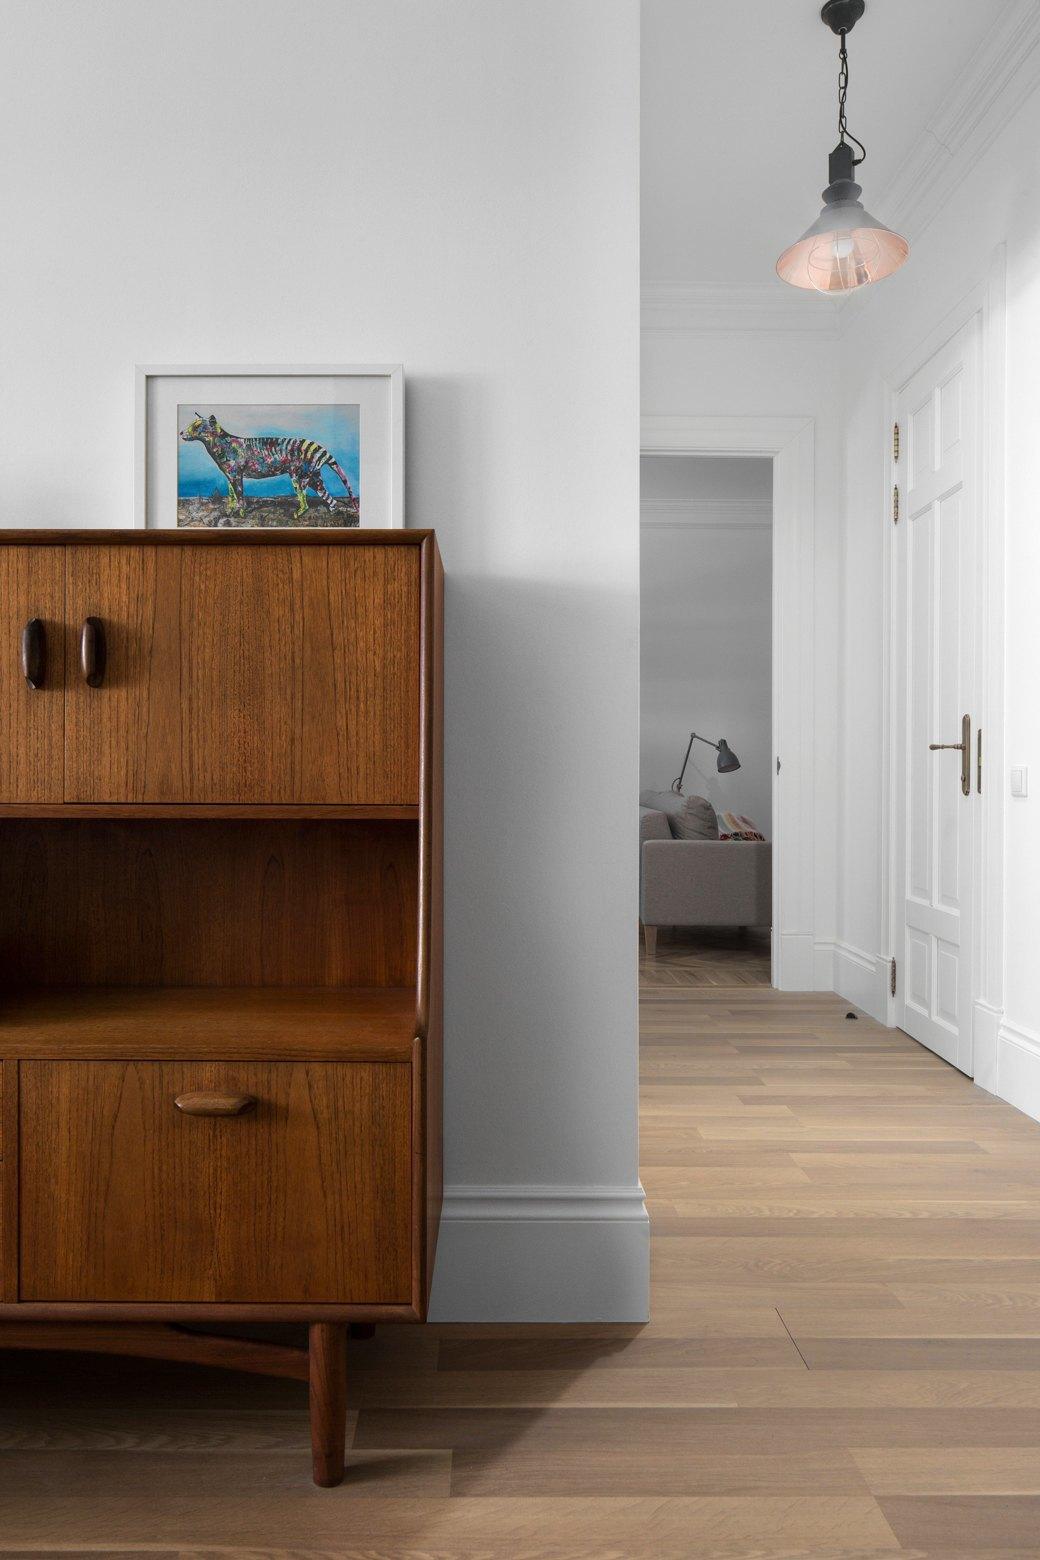 Лаконичная квартира вшведском стиле вновом доме наПетроградской стороне (Петербург). Изображение № 10.